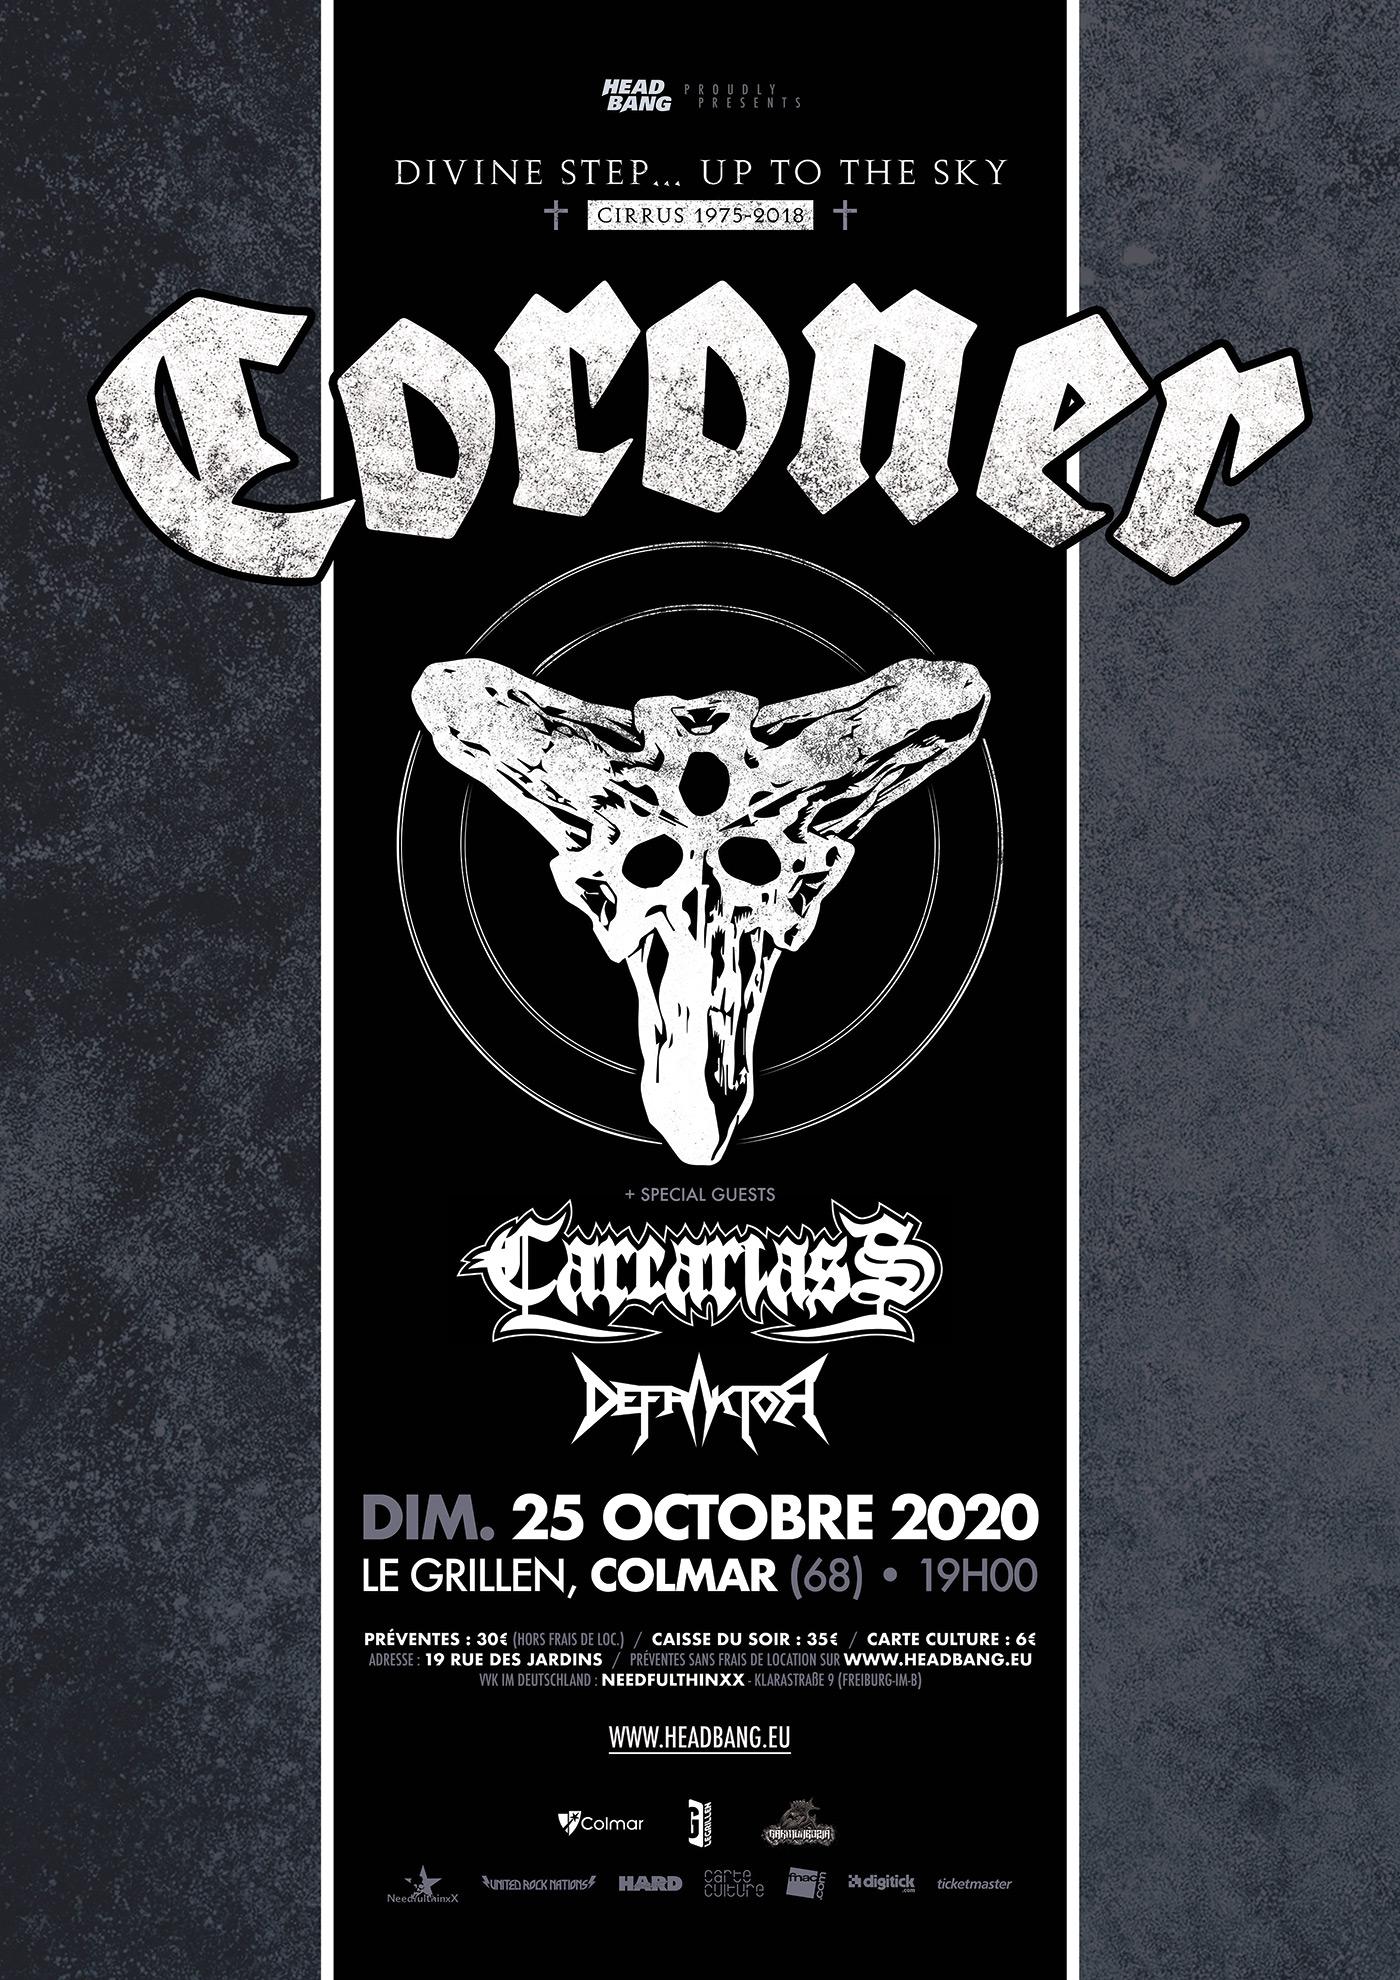 Coroner, Carcariass, Defraktor